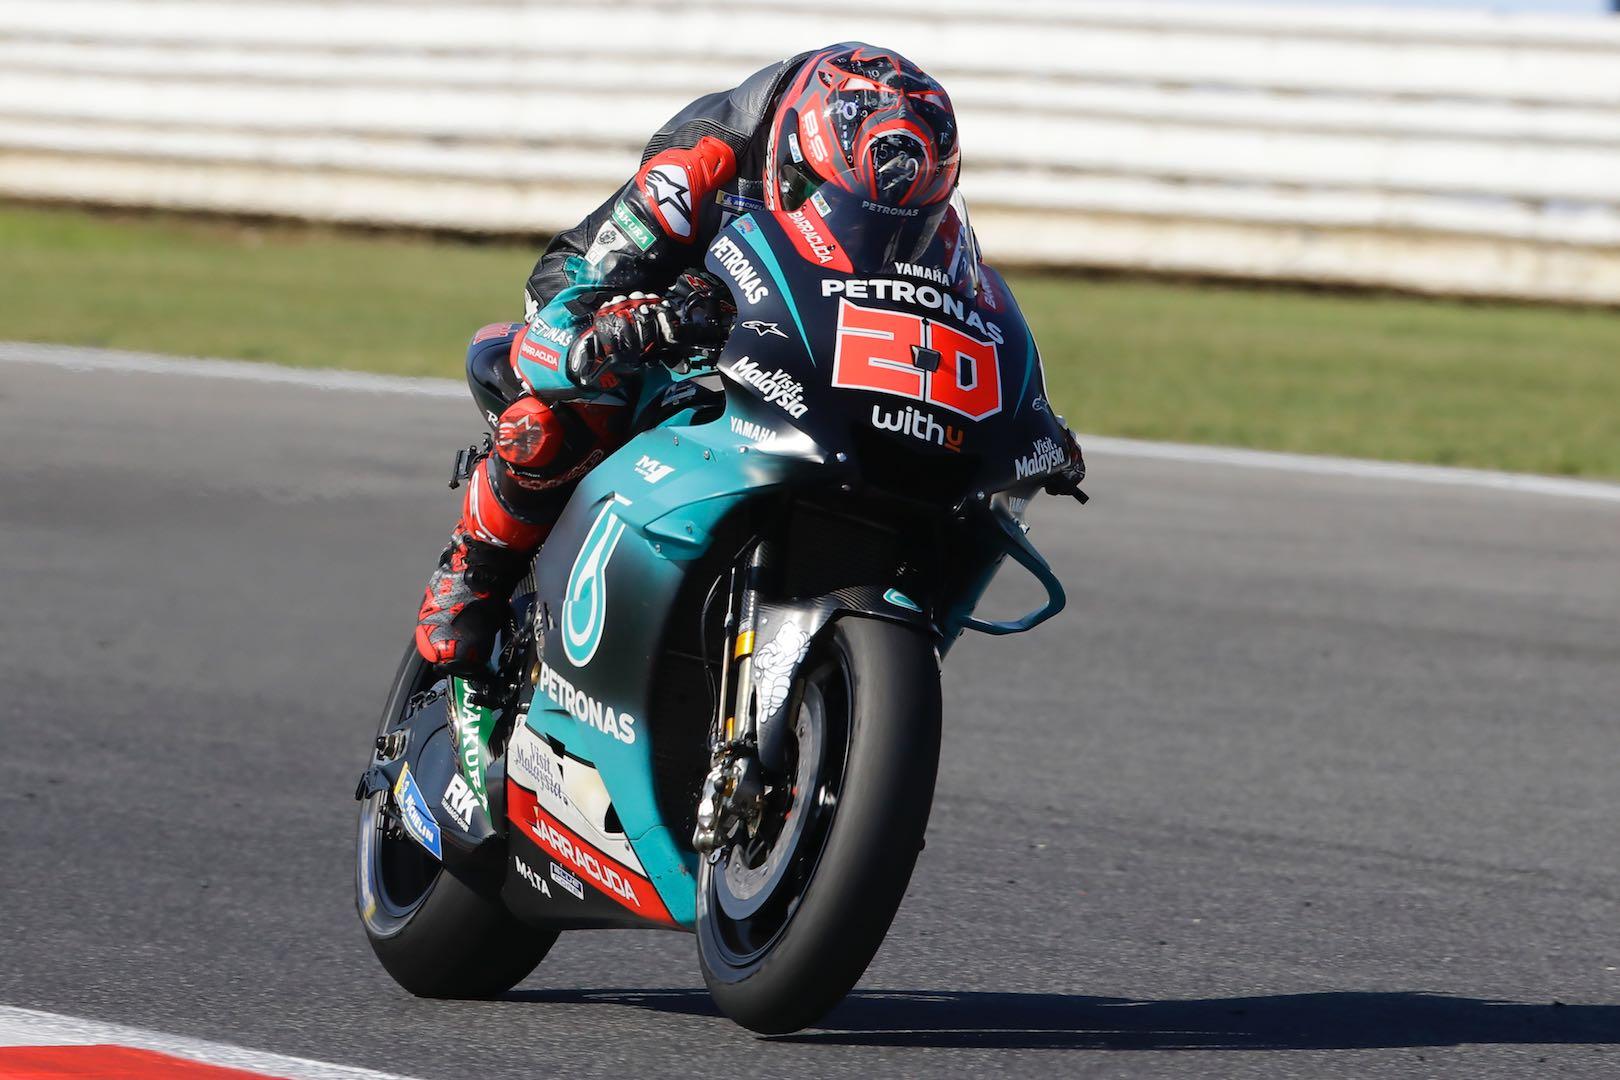 Yamaha Fabio Quartararo Misano MotoGP Qualifying 2019